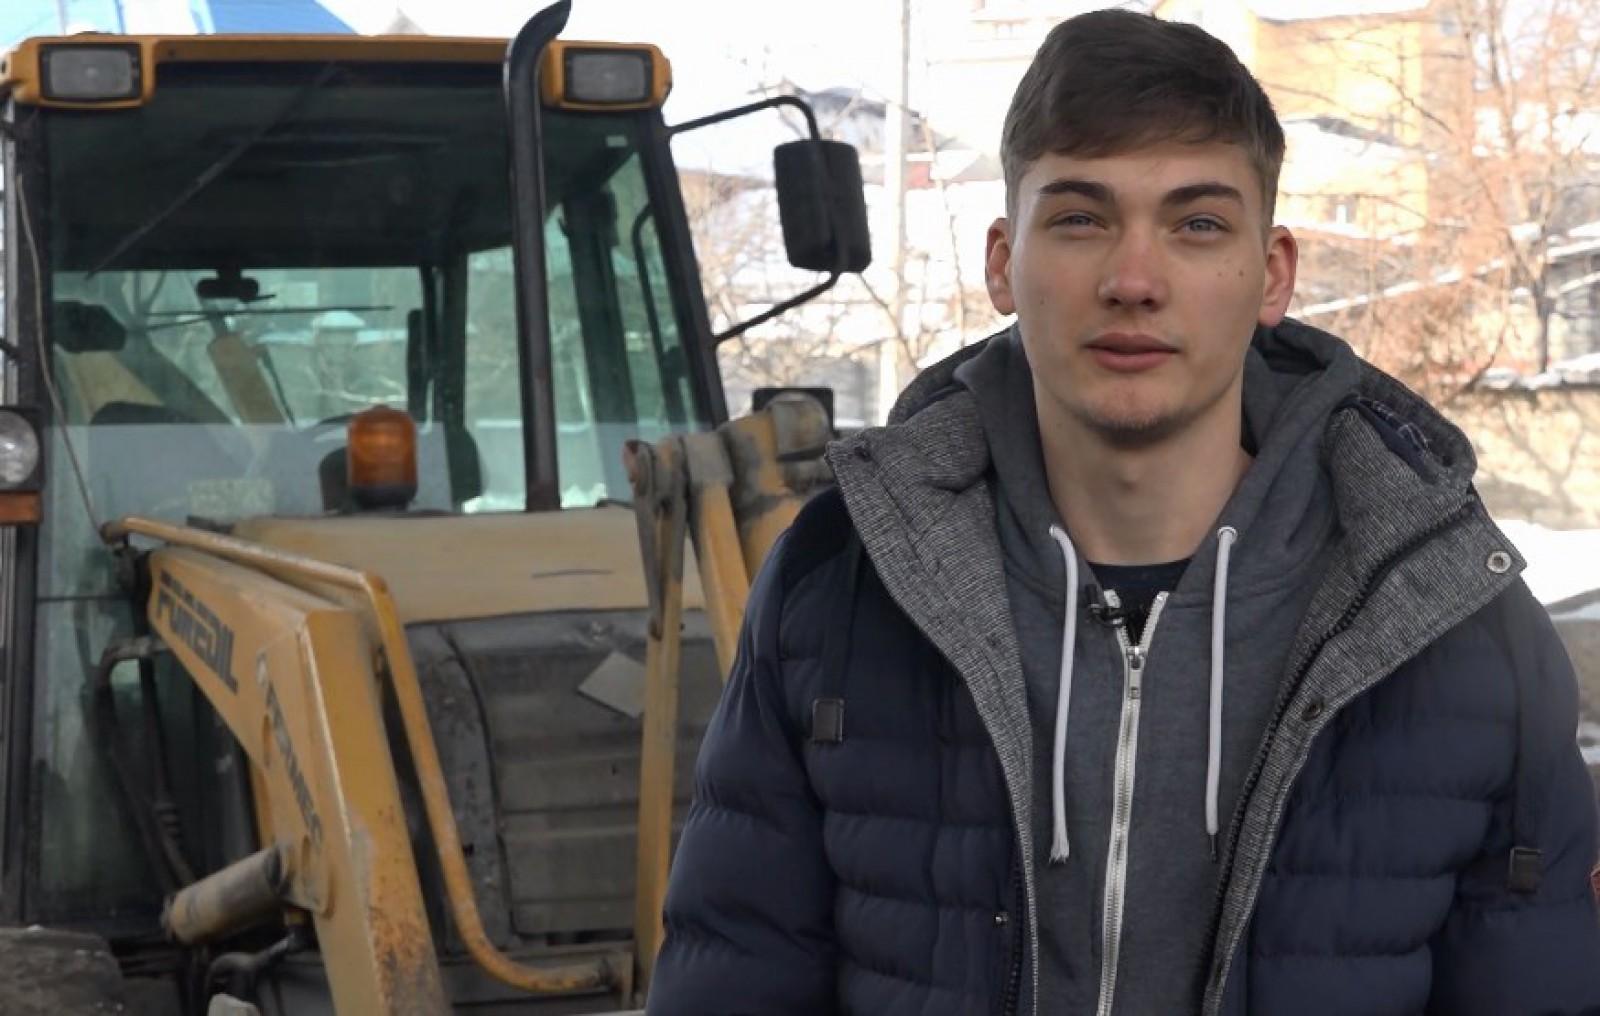 (video) Istoria unui tânăr antreprenor la 19 ani. Cu ajutorul unui grant european a cumpărat un tractor și și-a deschis o afacere de succes